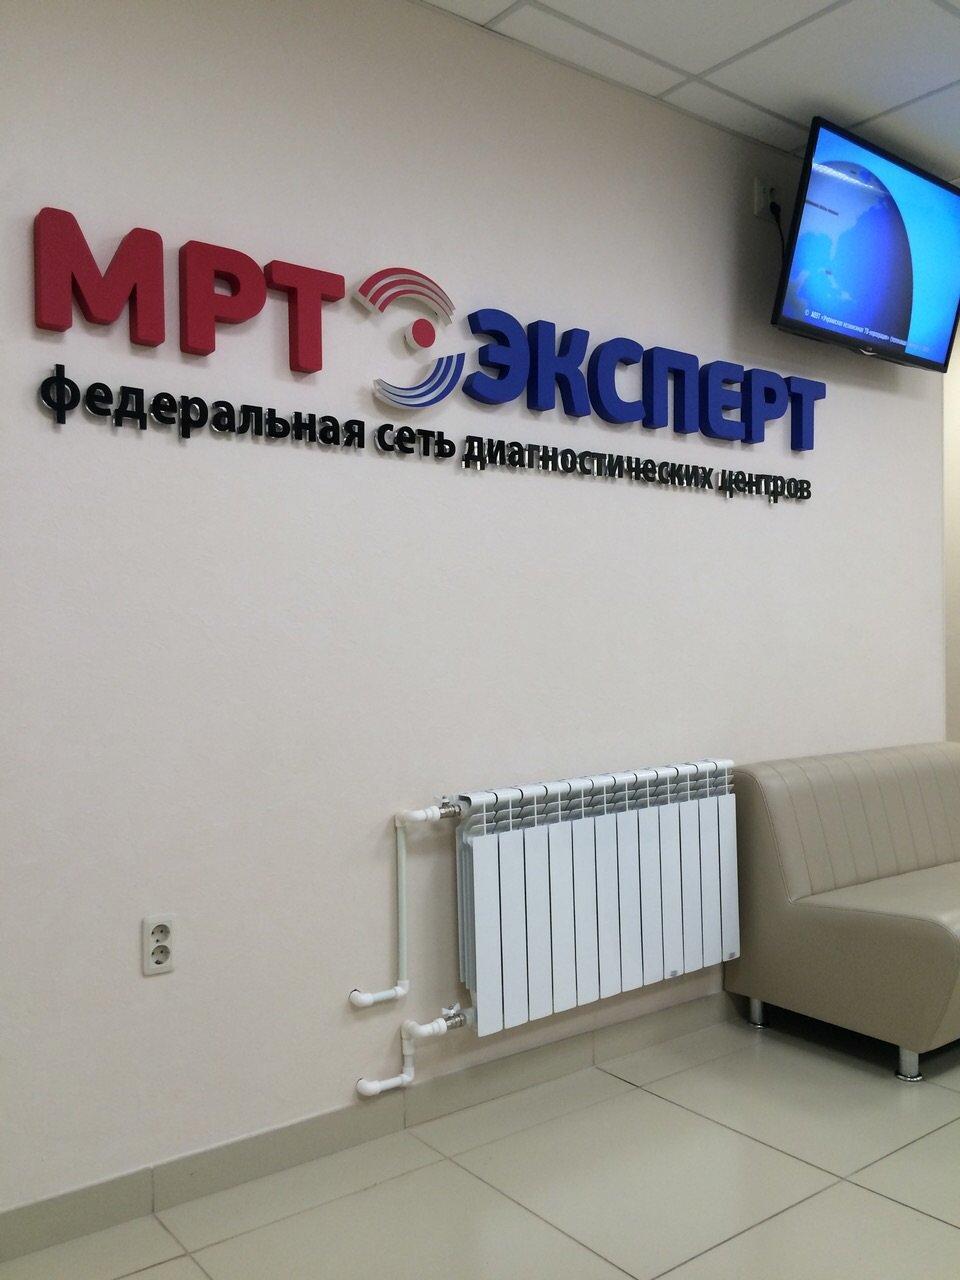 фотография Диагностического центра МРТ Эксперт Челябинск на Каслинской улице, 24а